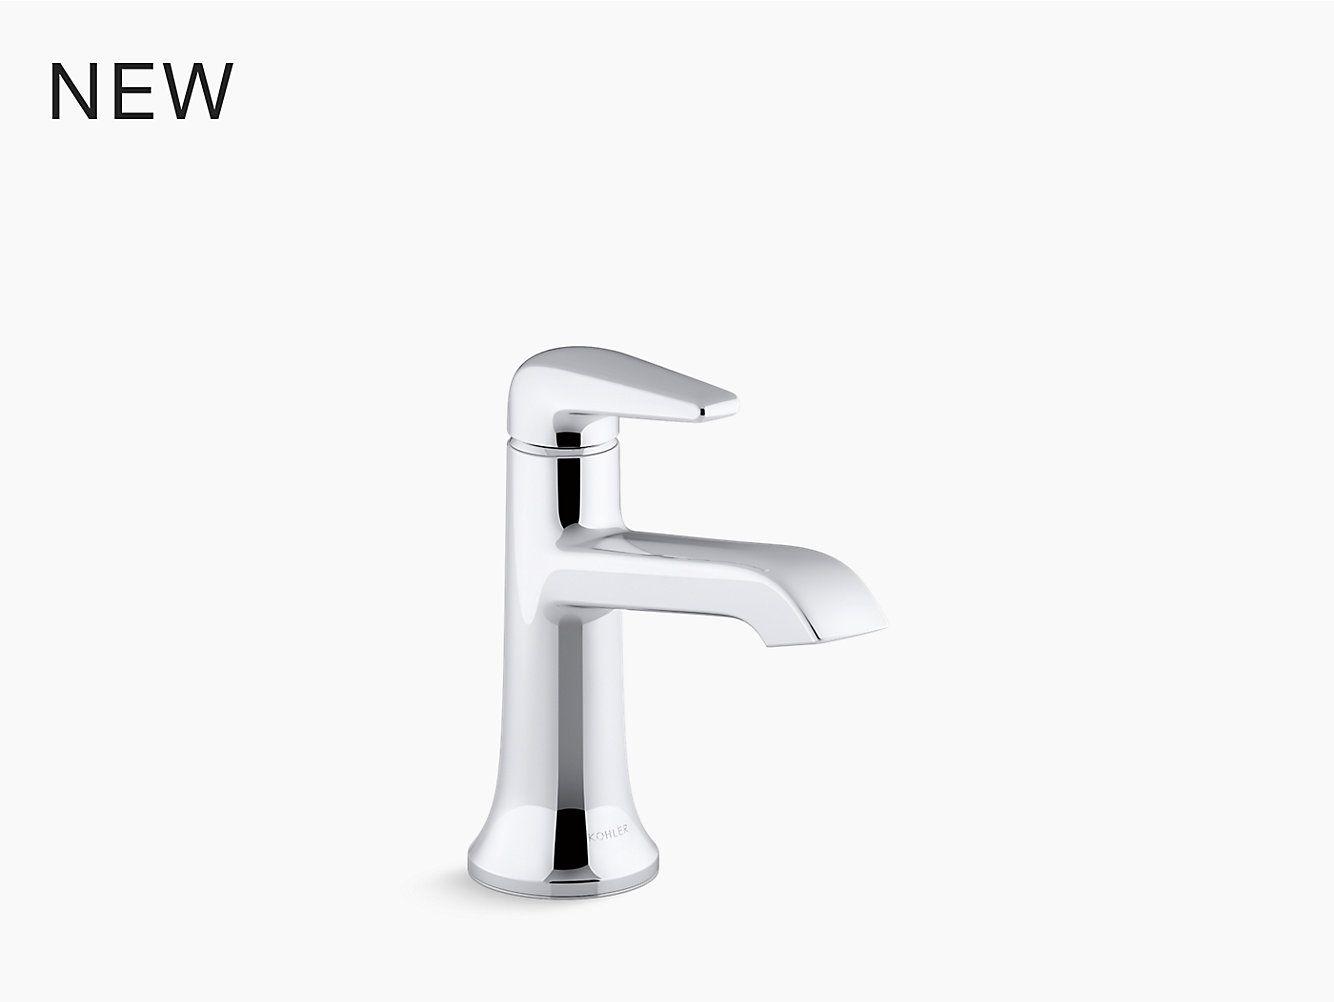 K 22022 4 Tempered Single Handle Bathroom Sink Faucet Kohler